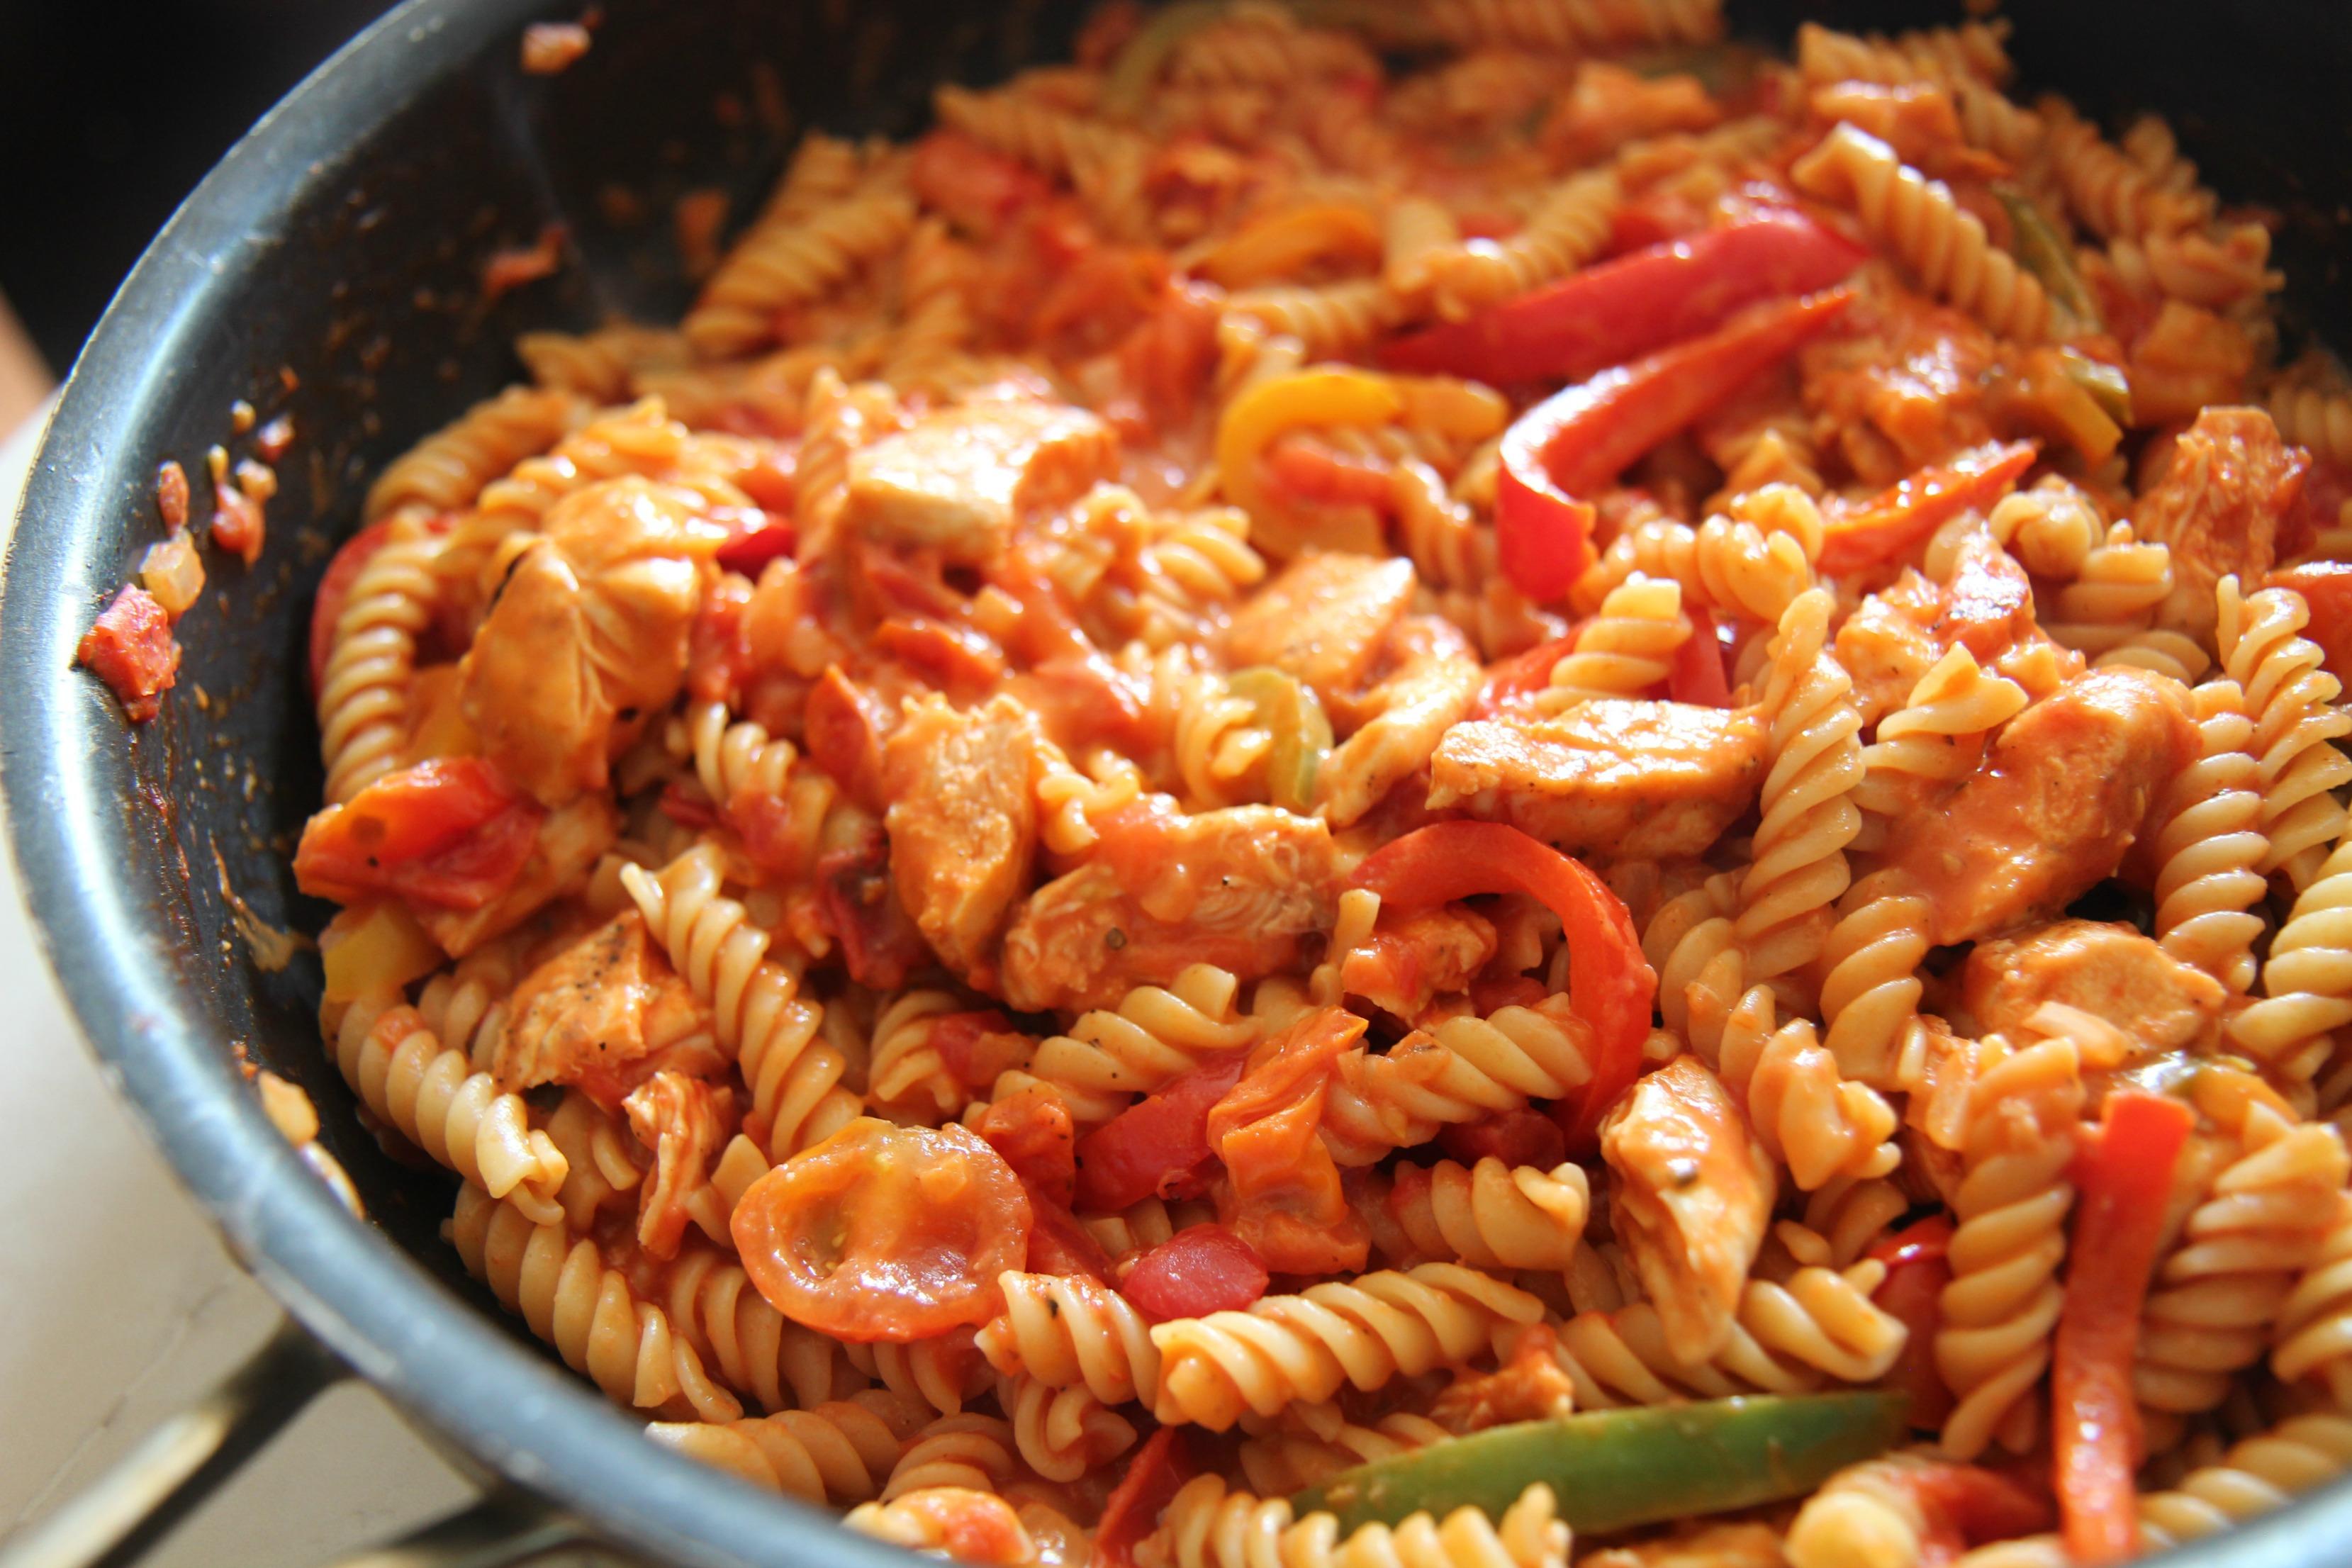 his chicken fajita pasta makes for perfect leftovers.